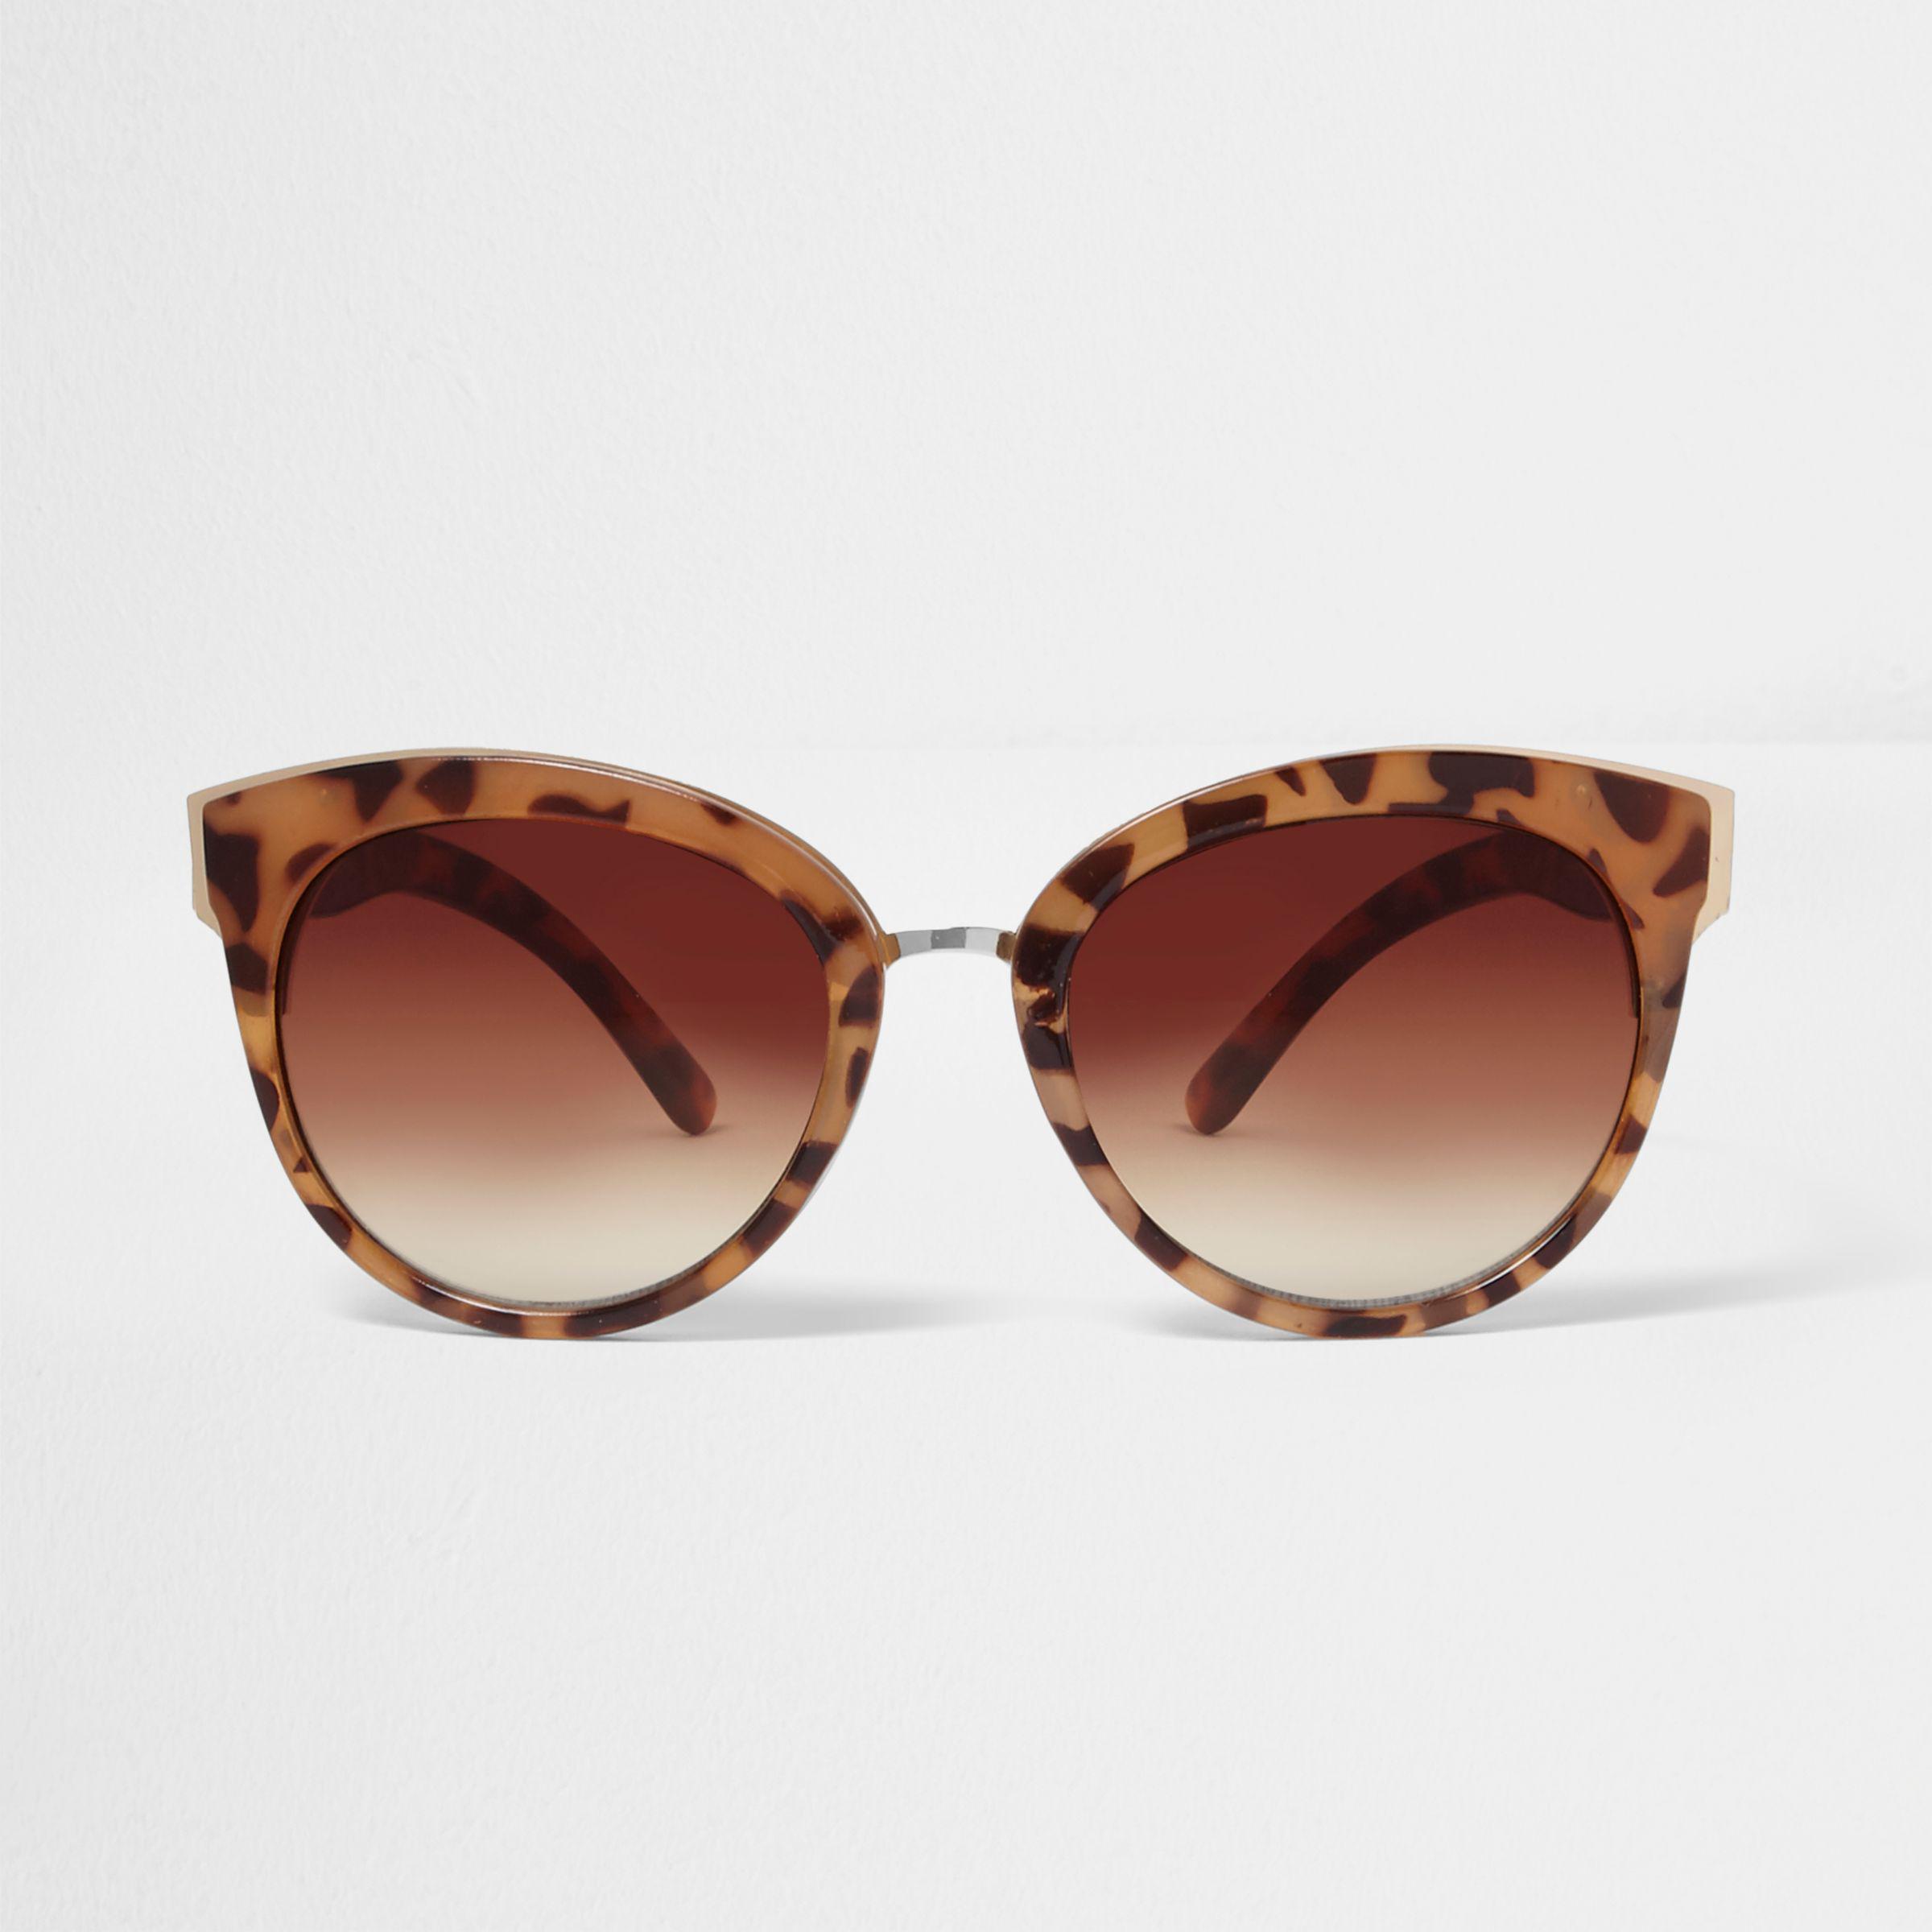 d05c280417e1 River Island Brown Leopard Print Cat Eye Sunglasses in Brown - Lyst